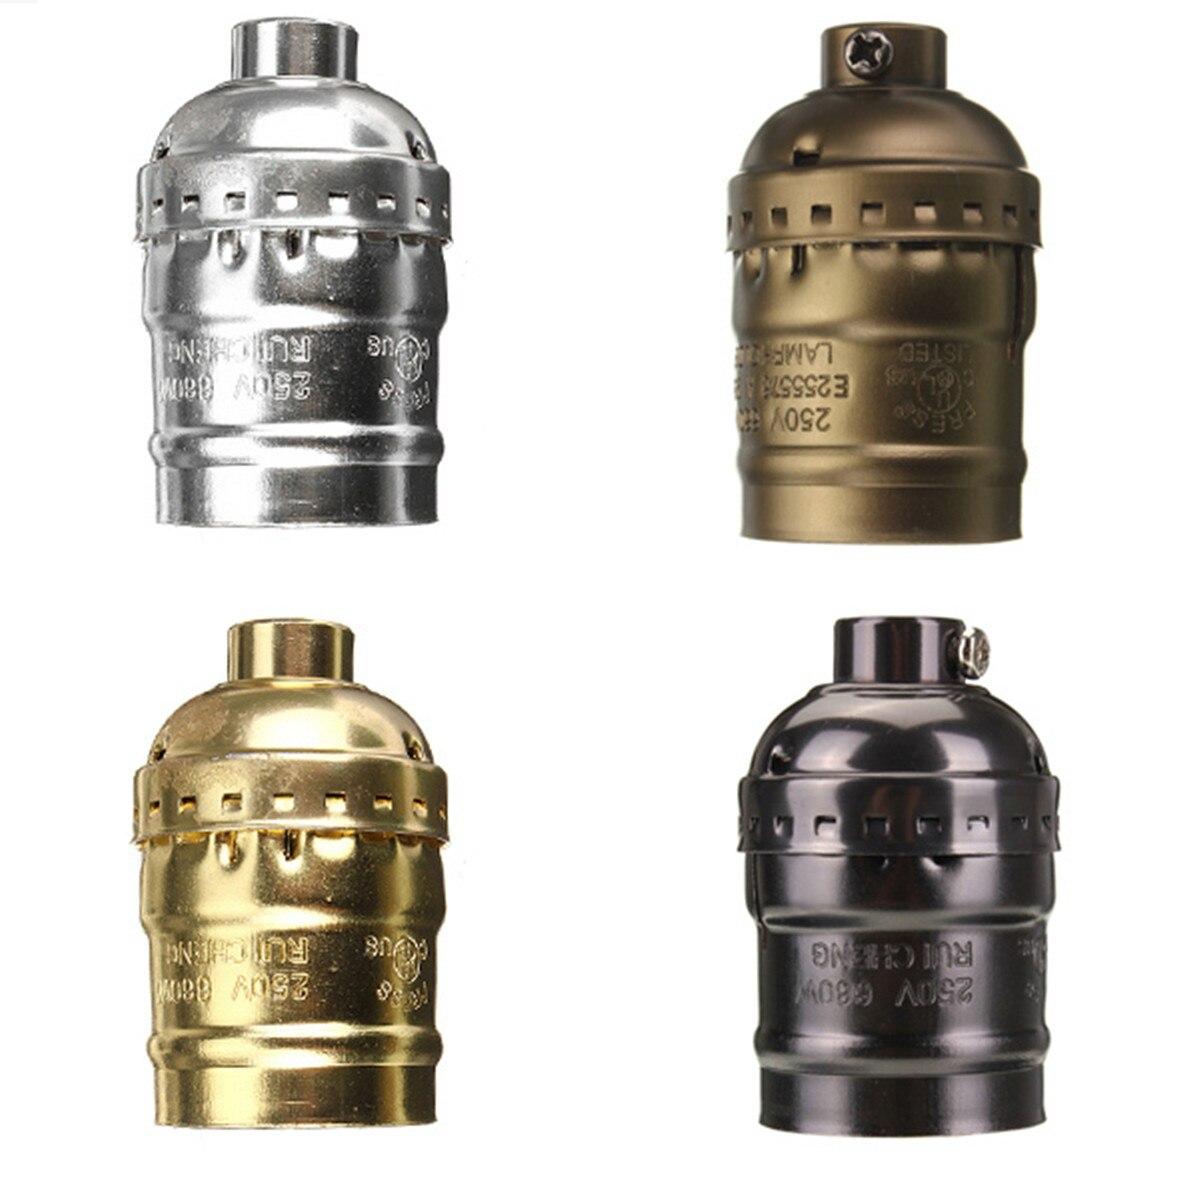 Smuxi Vintage Edison Pendant Lamp Holder E27 Screw Bulb Base Aluminum Brass Lamp Socket Industrial Retro Fittings Lamp Holders